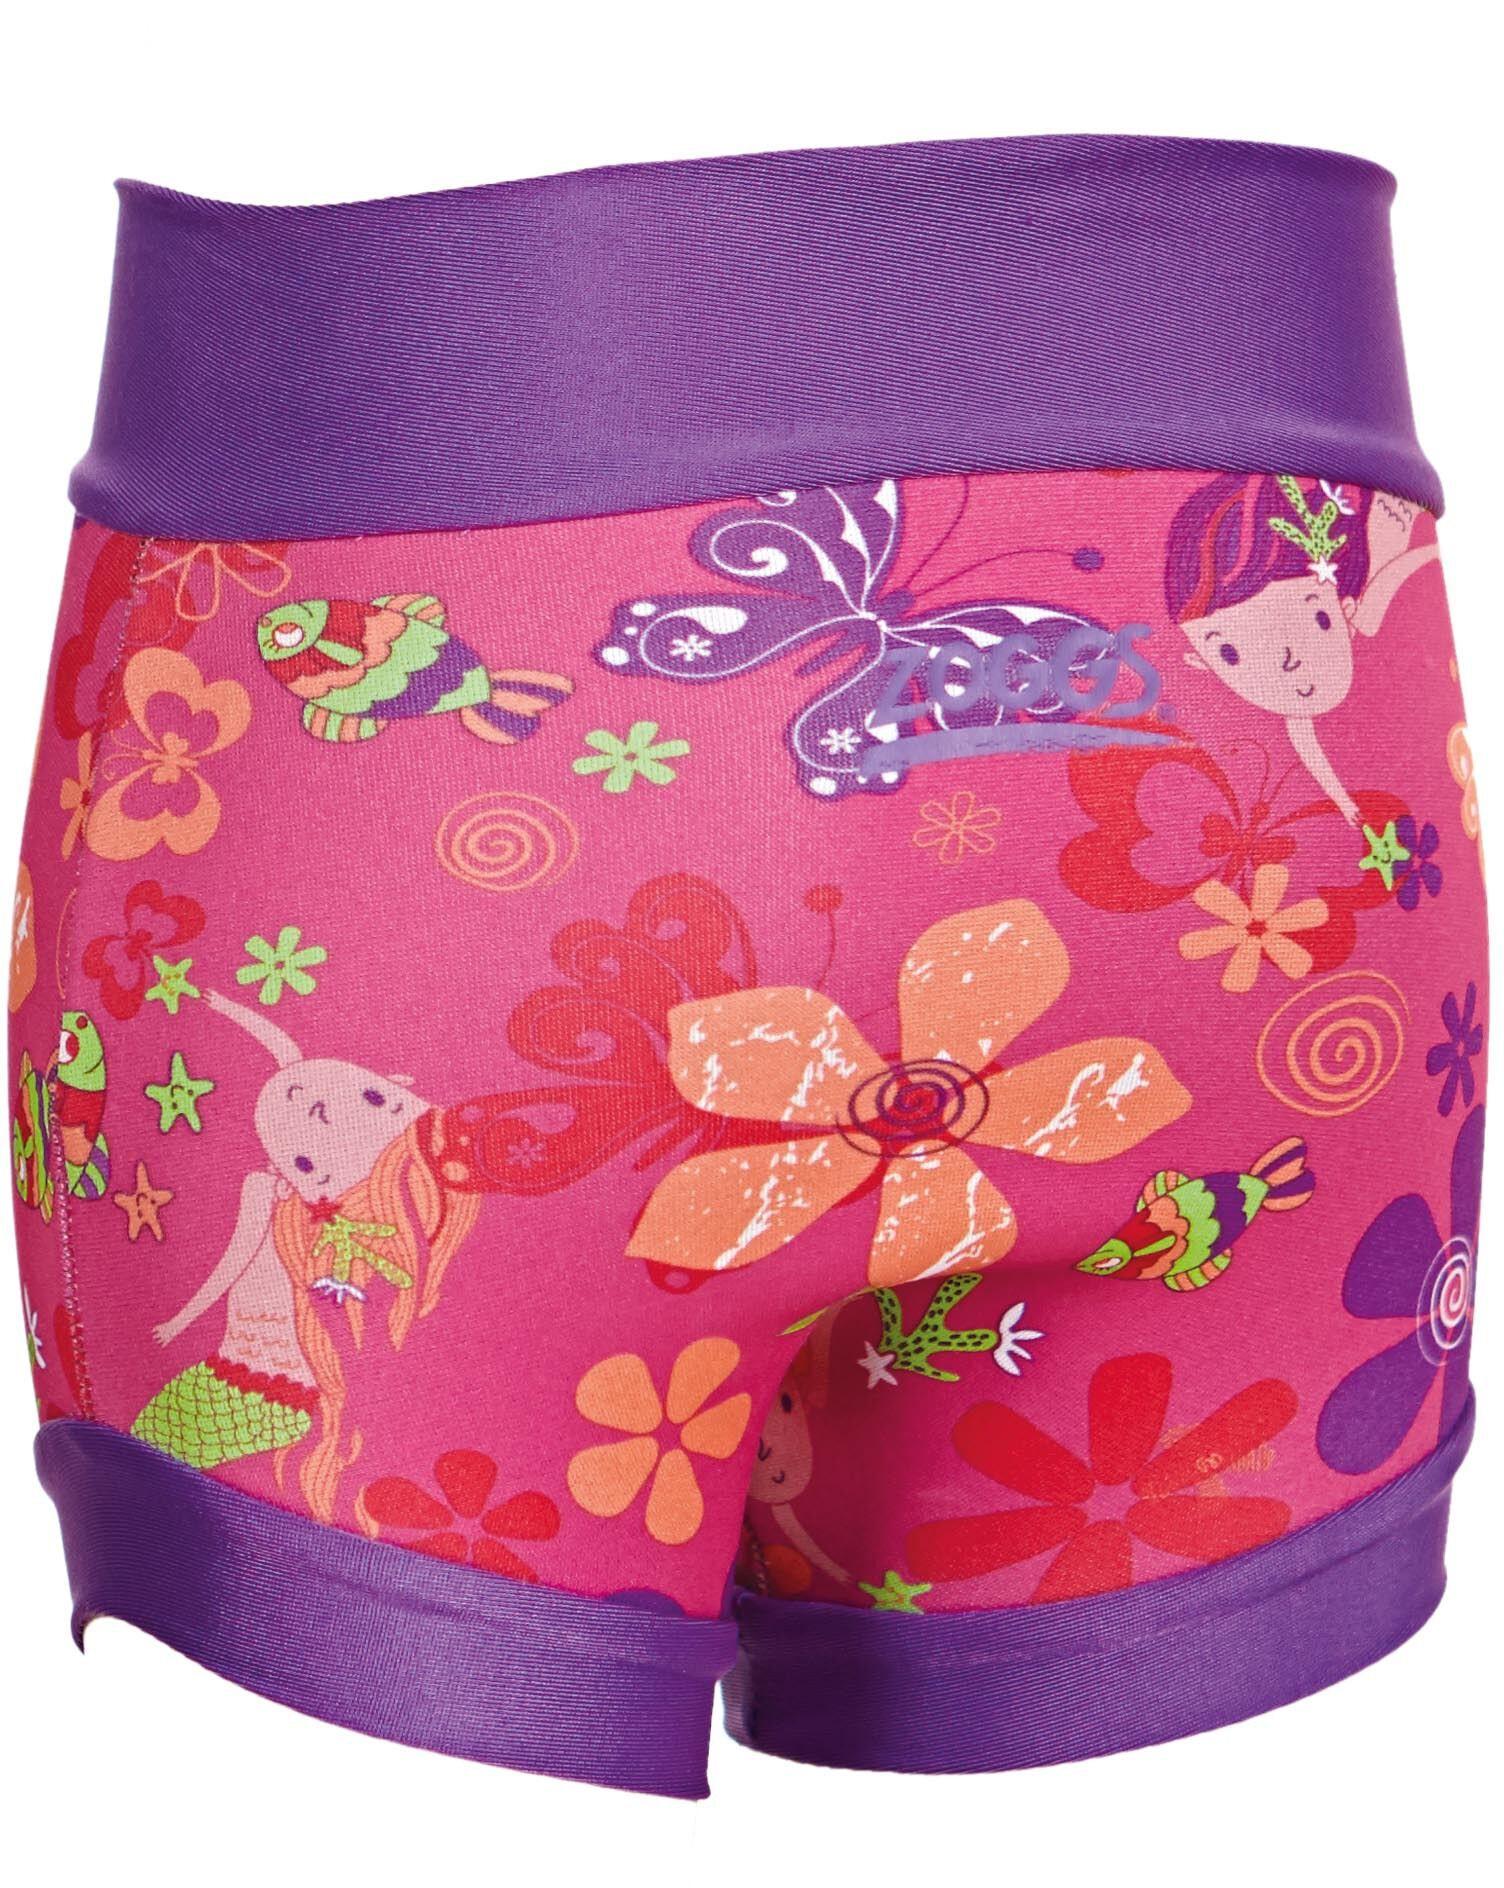 1c01e867a07 Zoggs Mermaid Flower Swimsure Badebukser Børn, pink/multi | Find ...